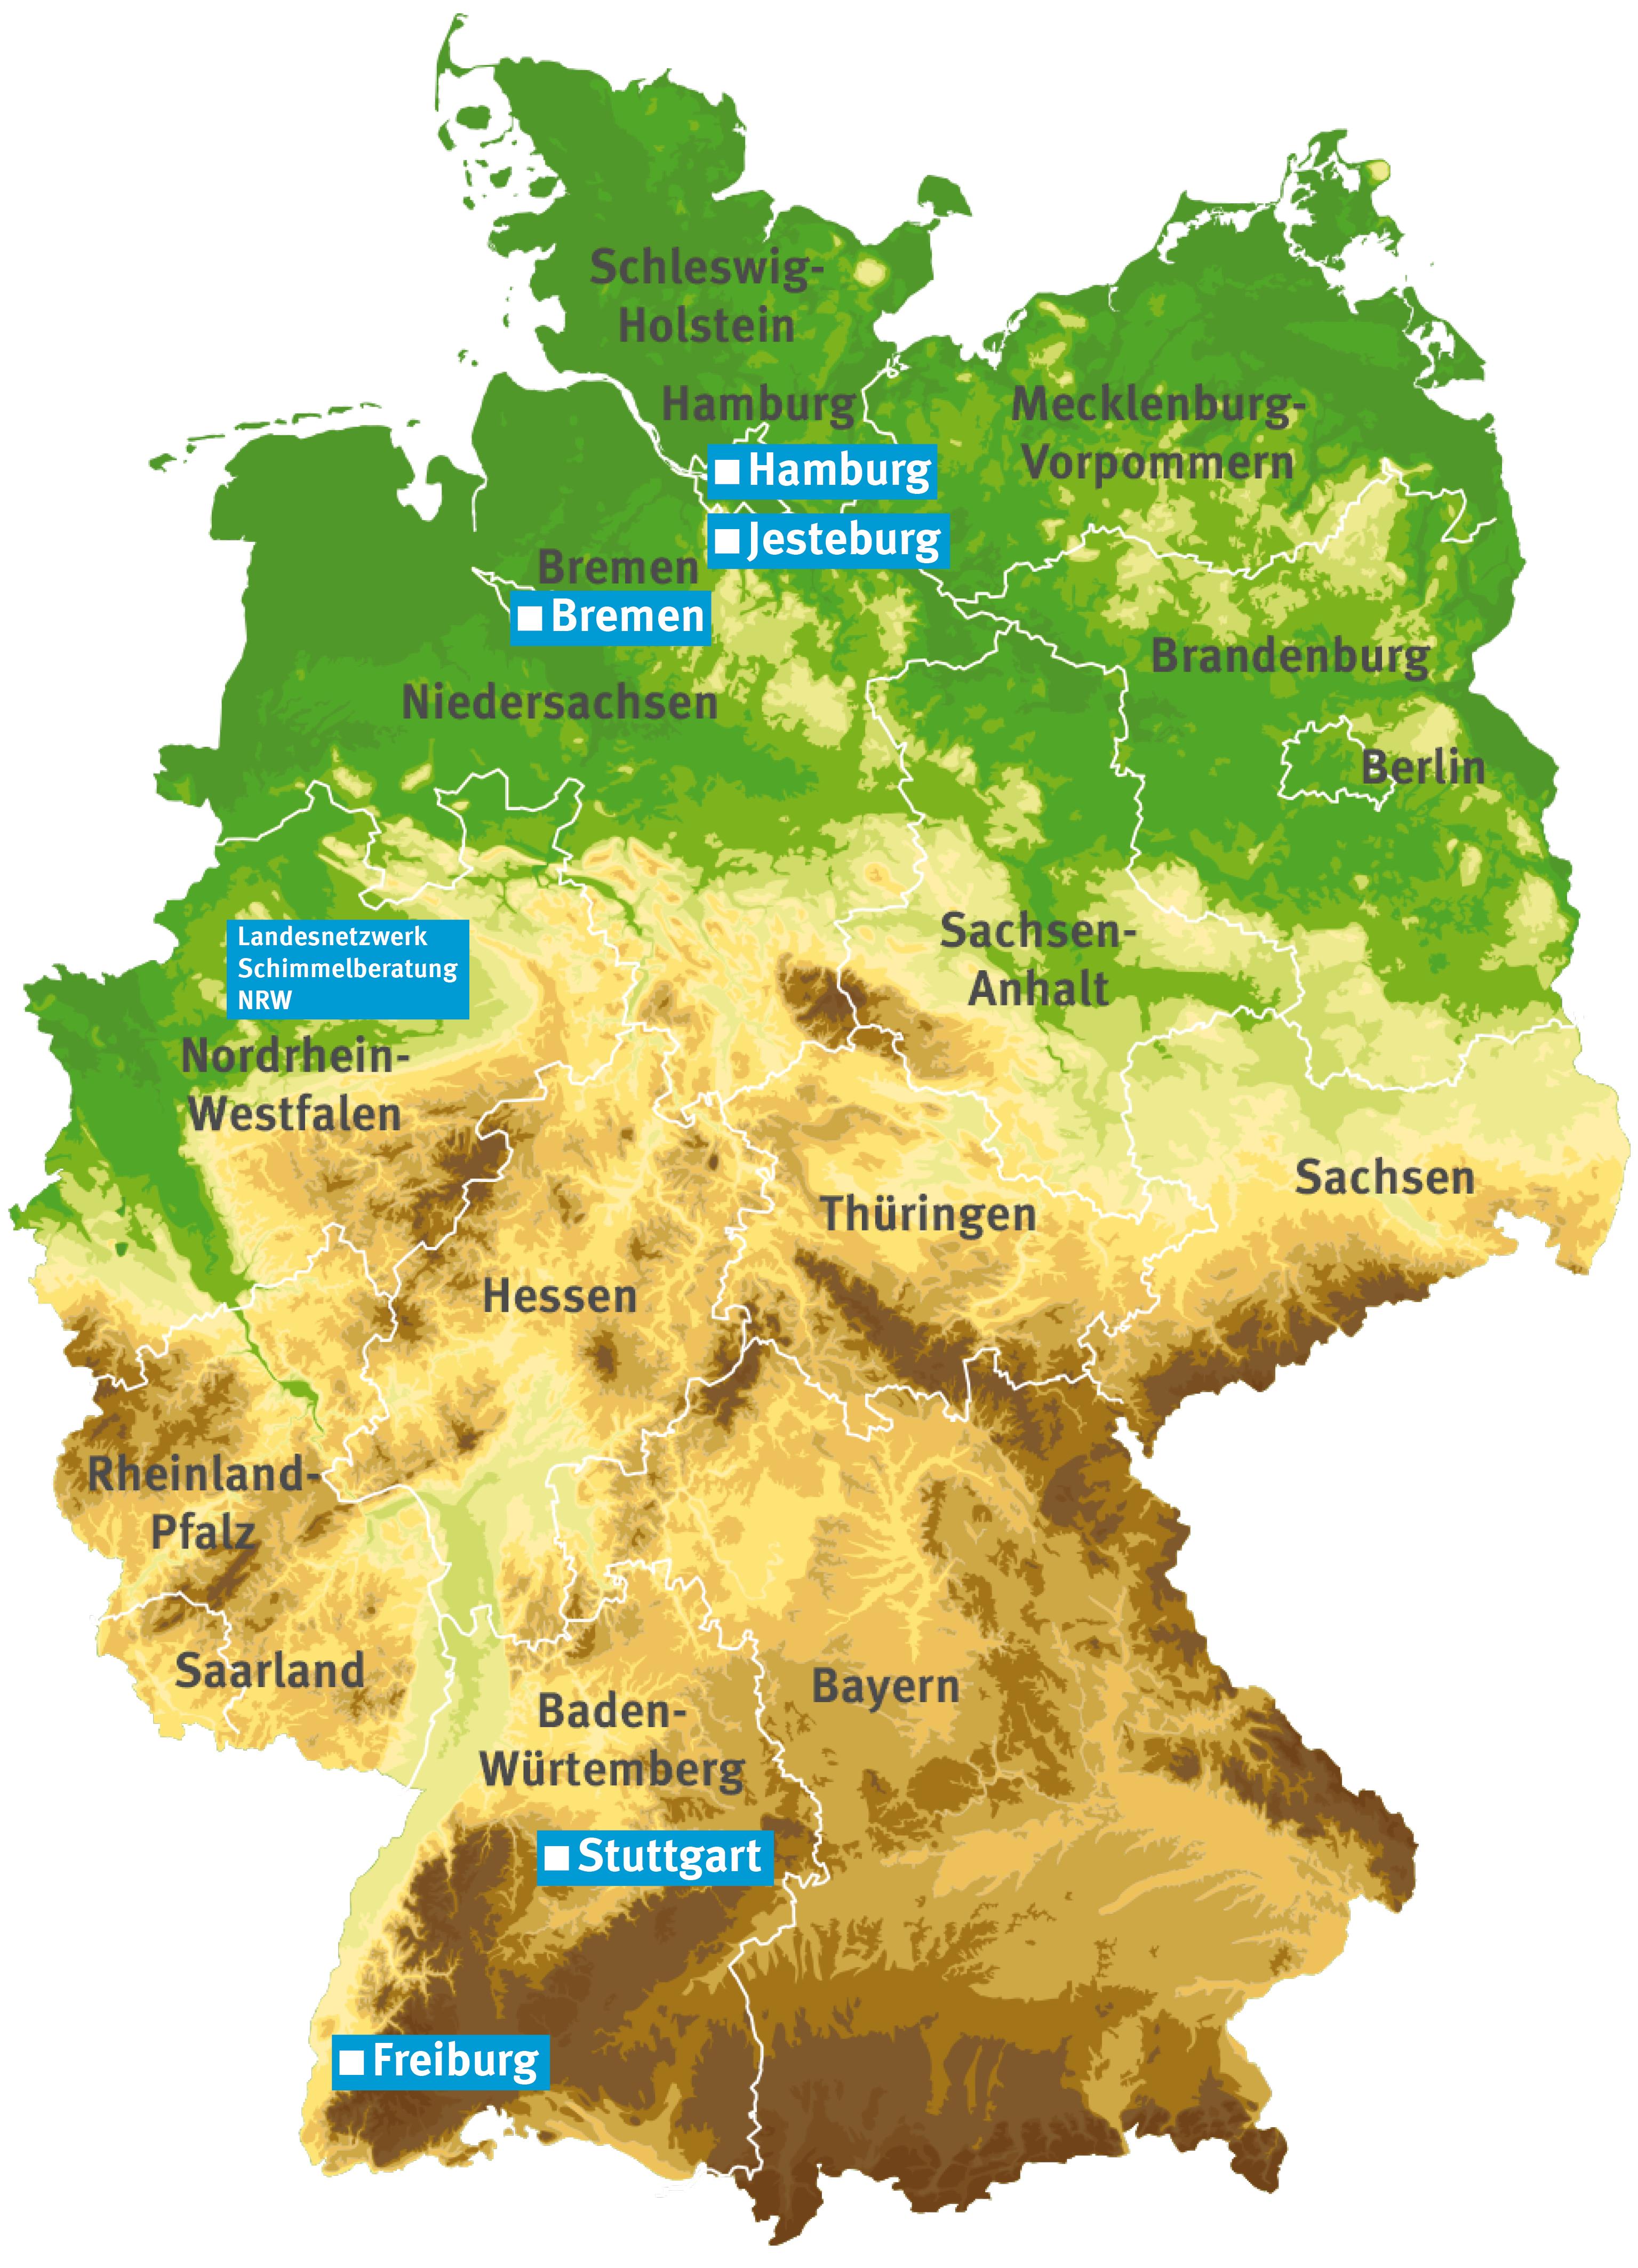 Deutschlandkarte mit den Standorten der Beratungsstellen des Netzwerks Schimmelpilzberatung